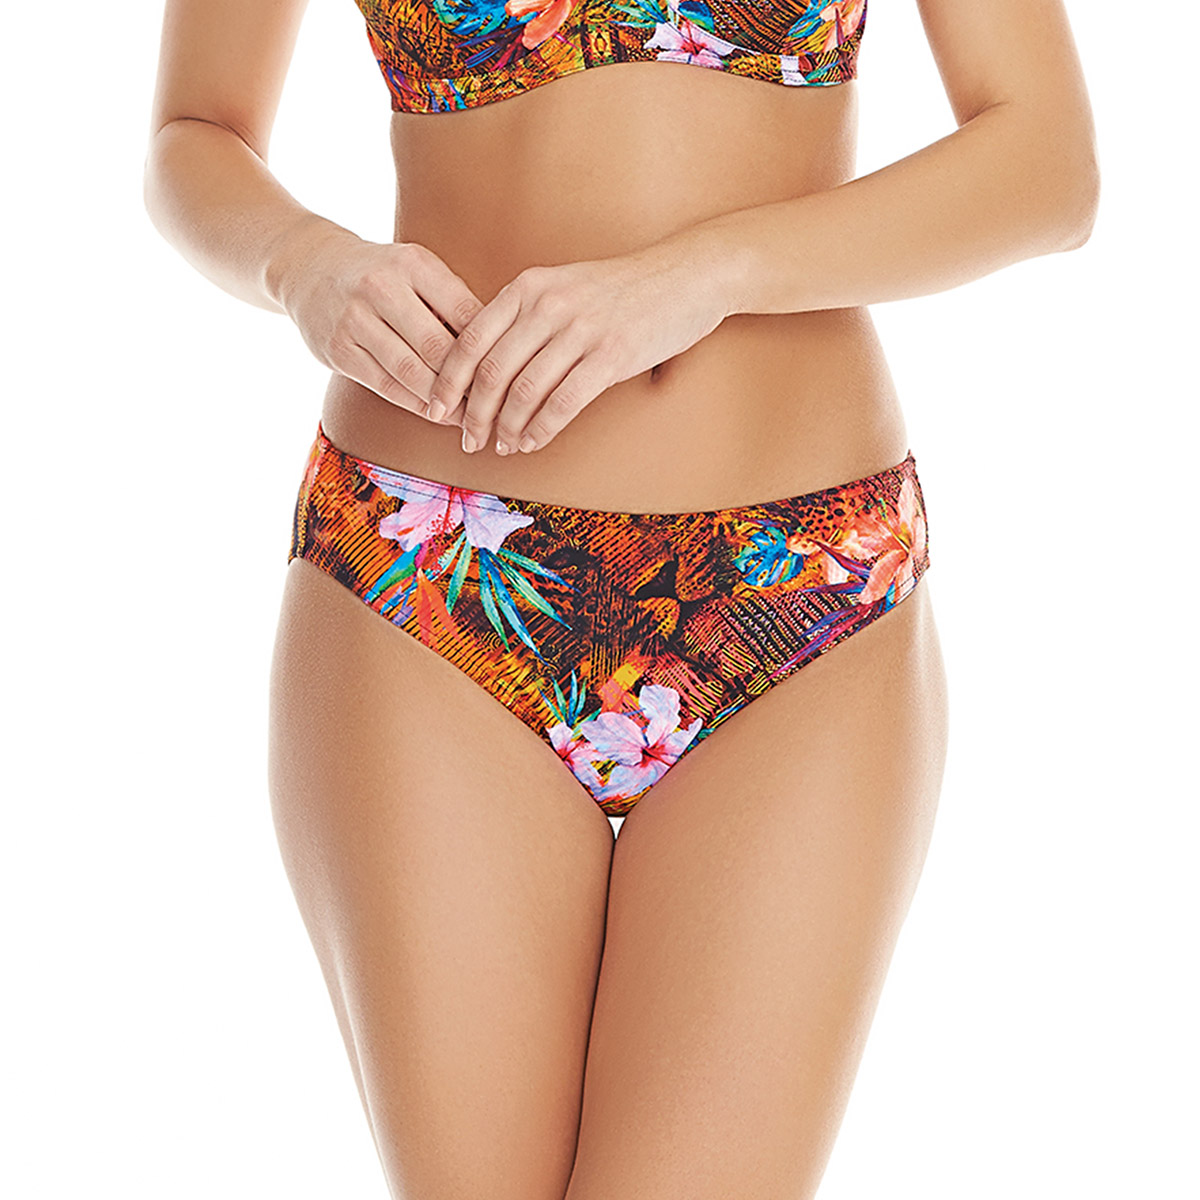 Éthnique De Taille Haute Bain Maillot Culotte Freya Multicolore redoCBx